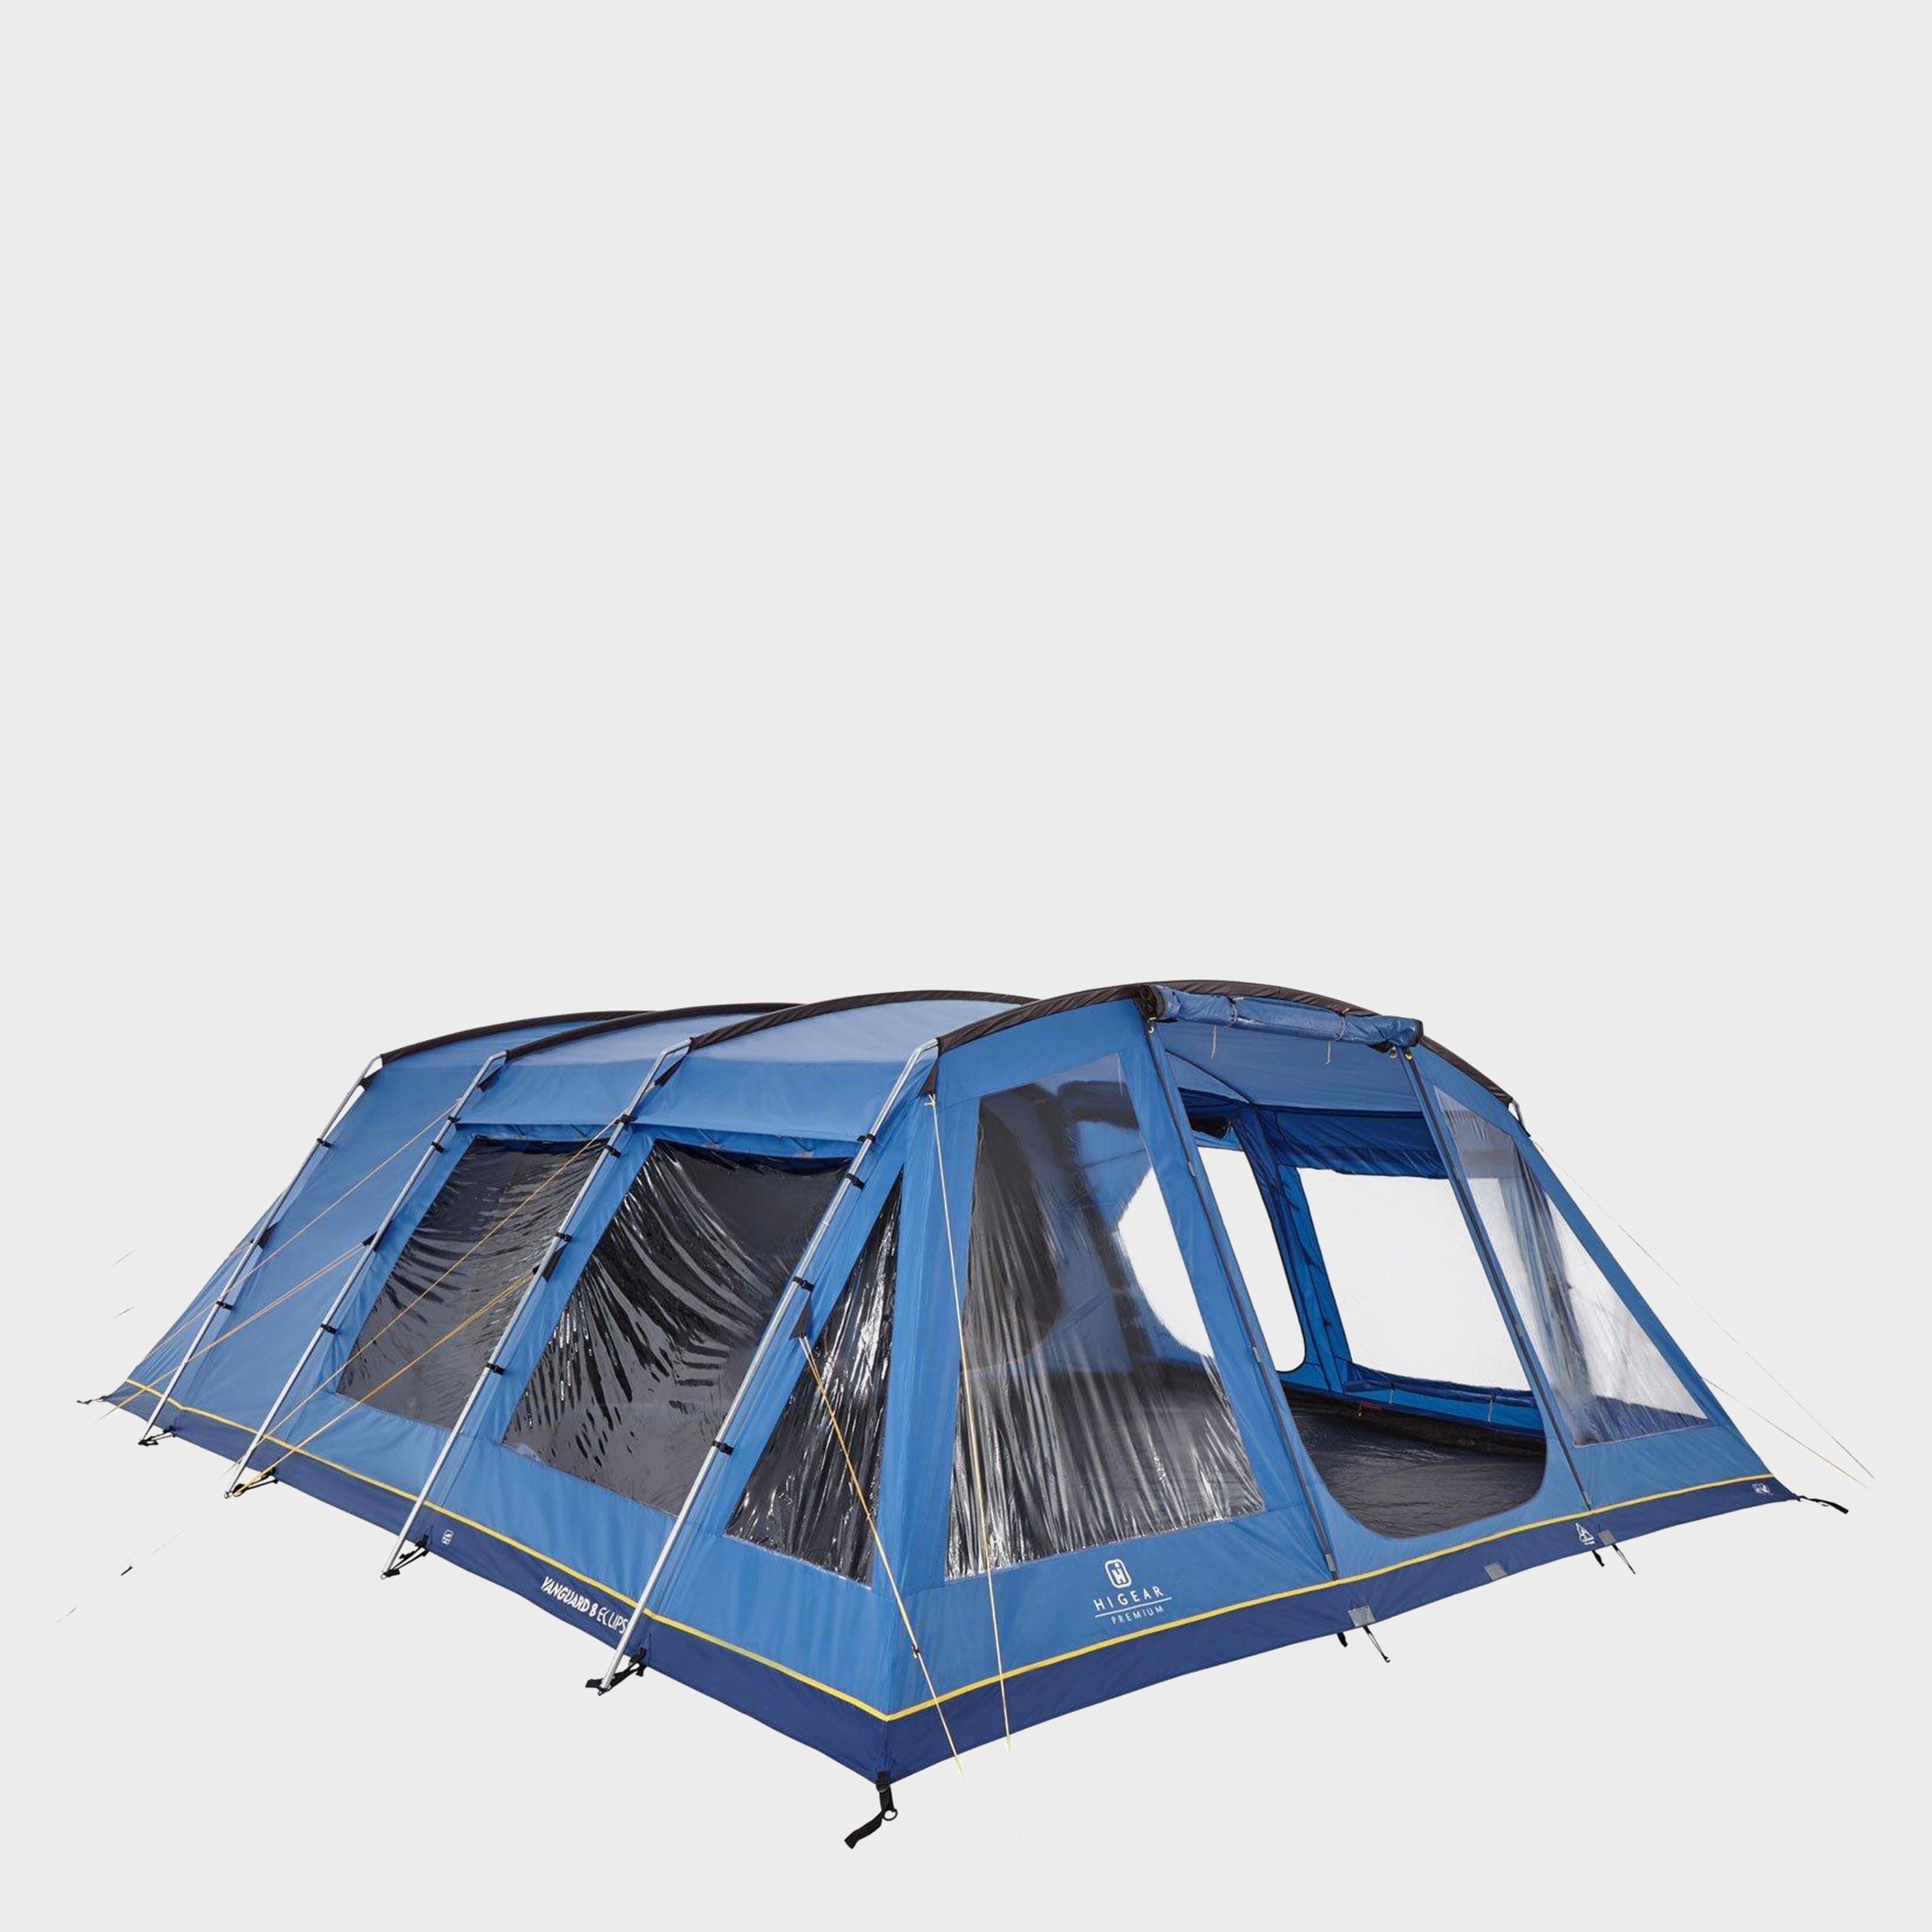 Hi-Gear Vanguard 8 Nightfall Tent - Igo/Igo, IGO/IGO